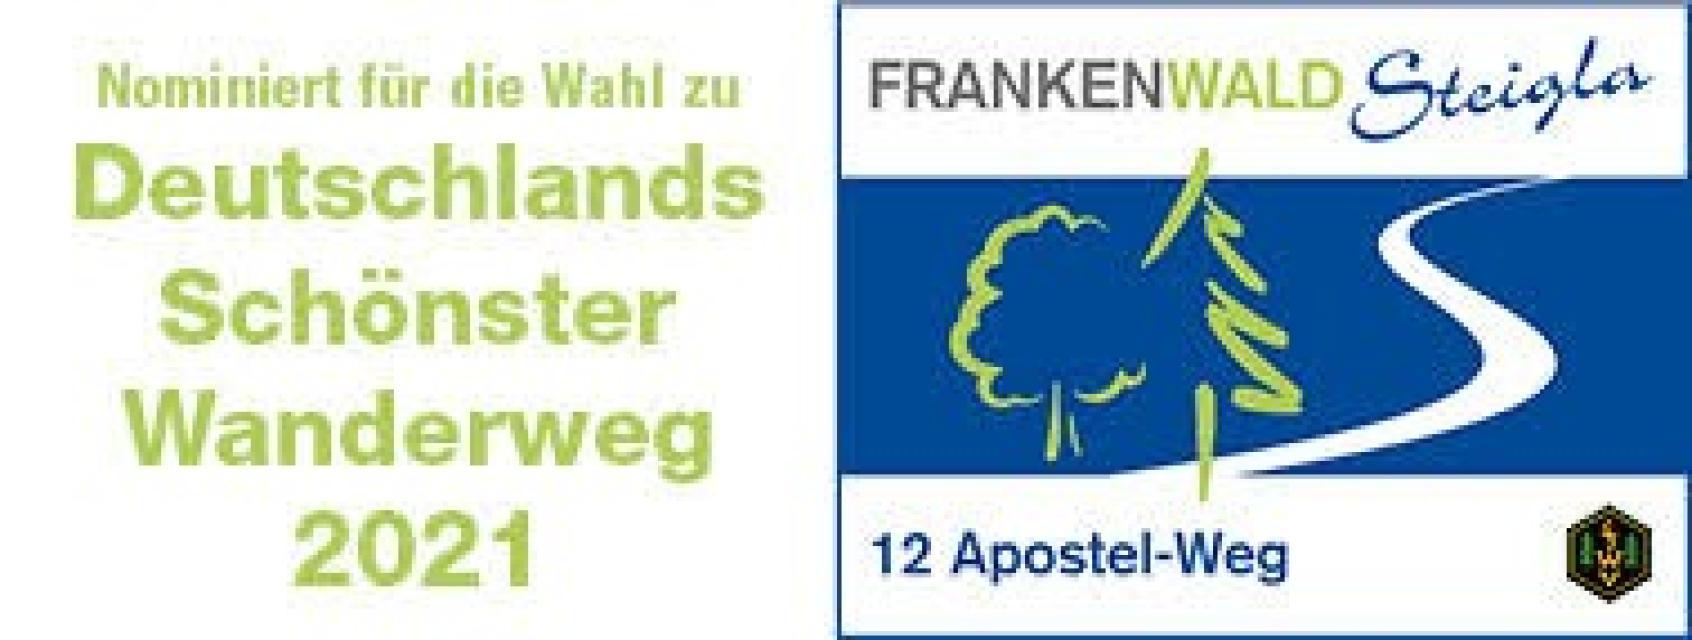 FrankenwaldSteigla 12-Apostel-Weg